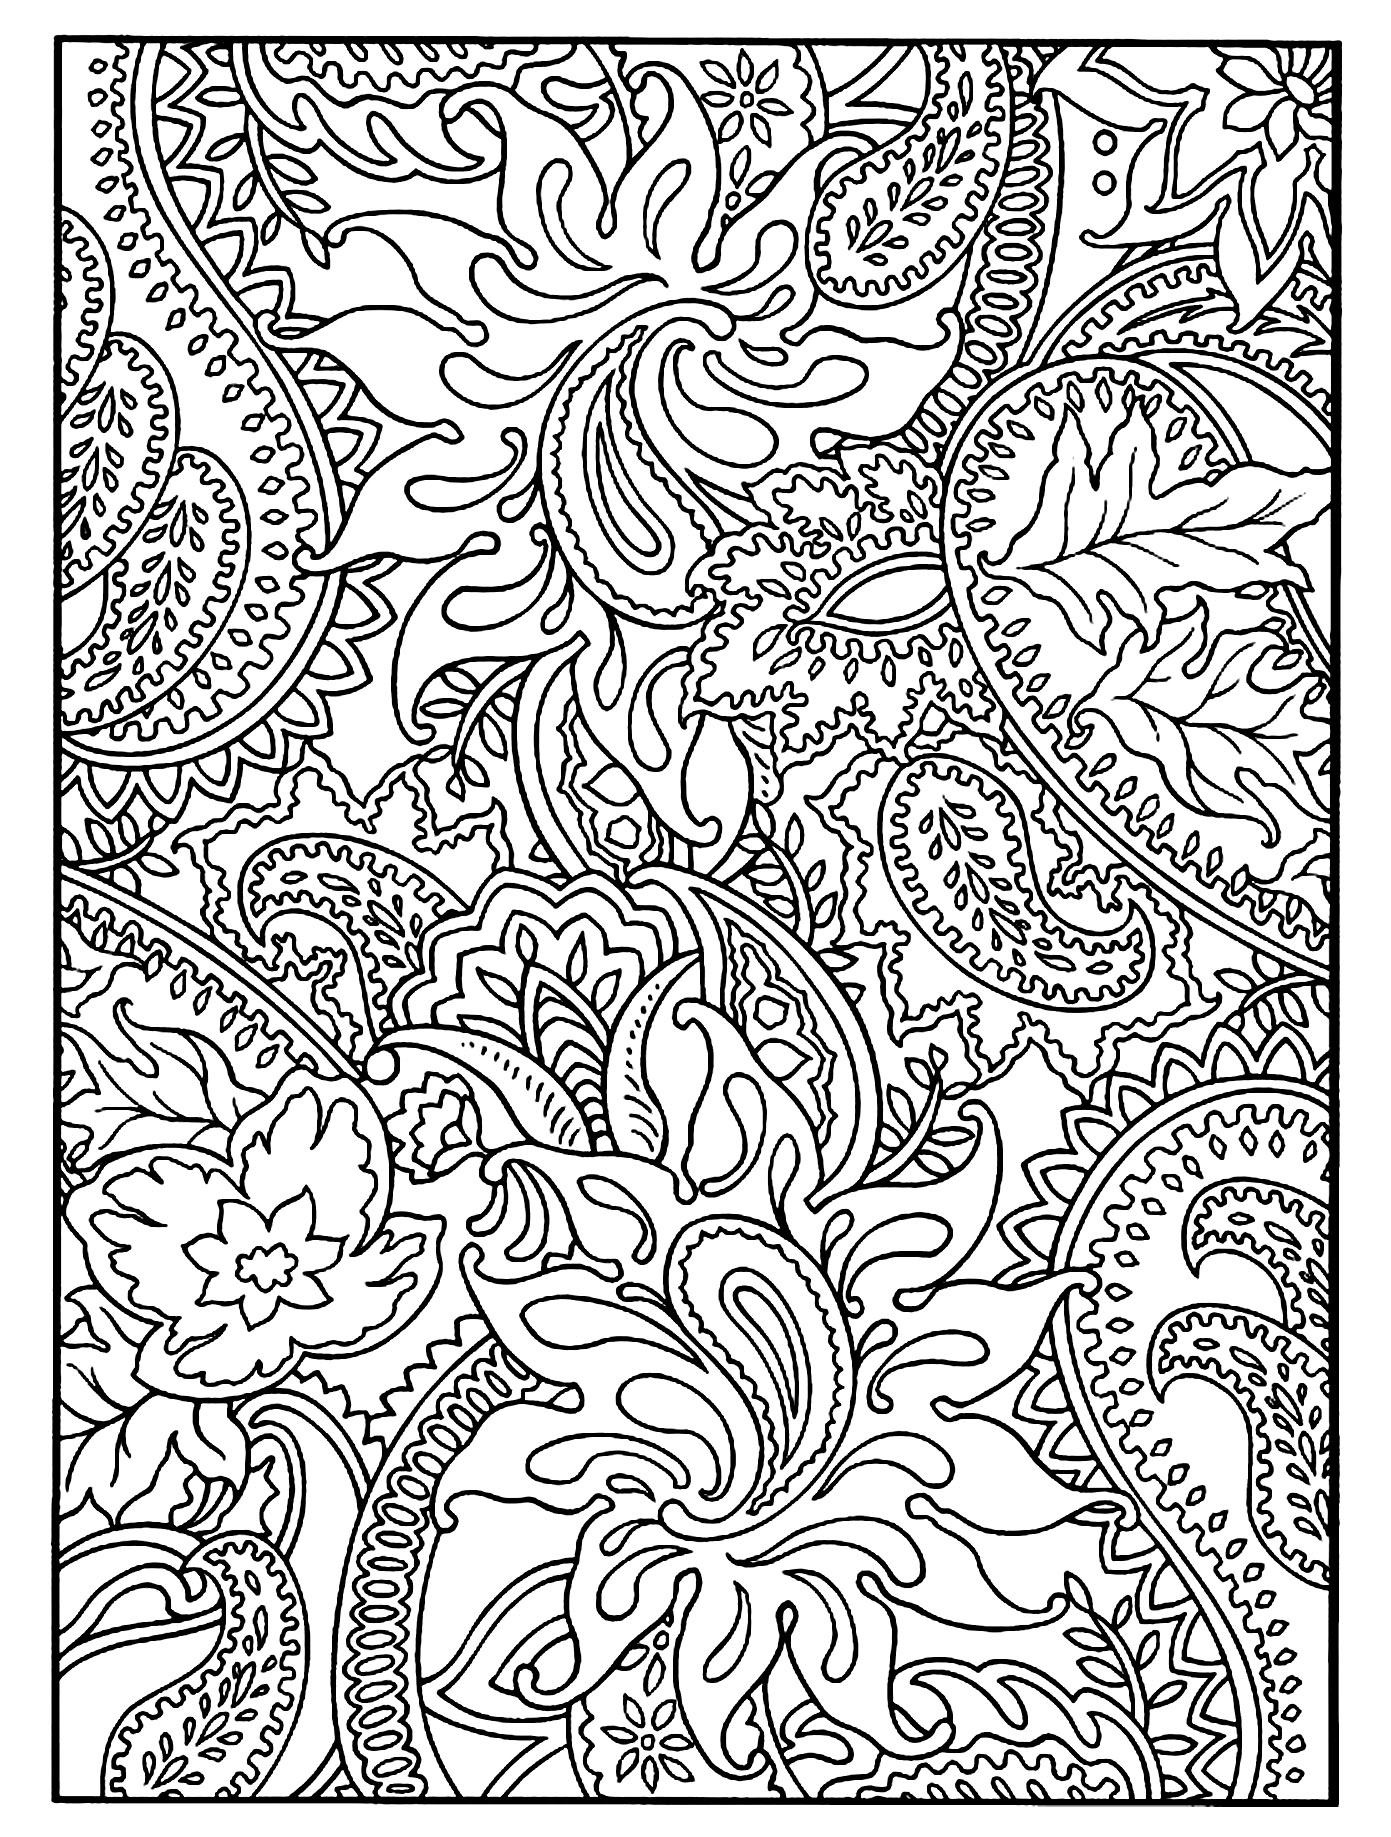 Disegni da colorare per adulti : Fiori e vegetazione - 26